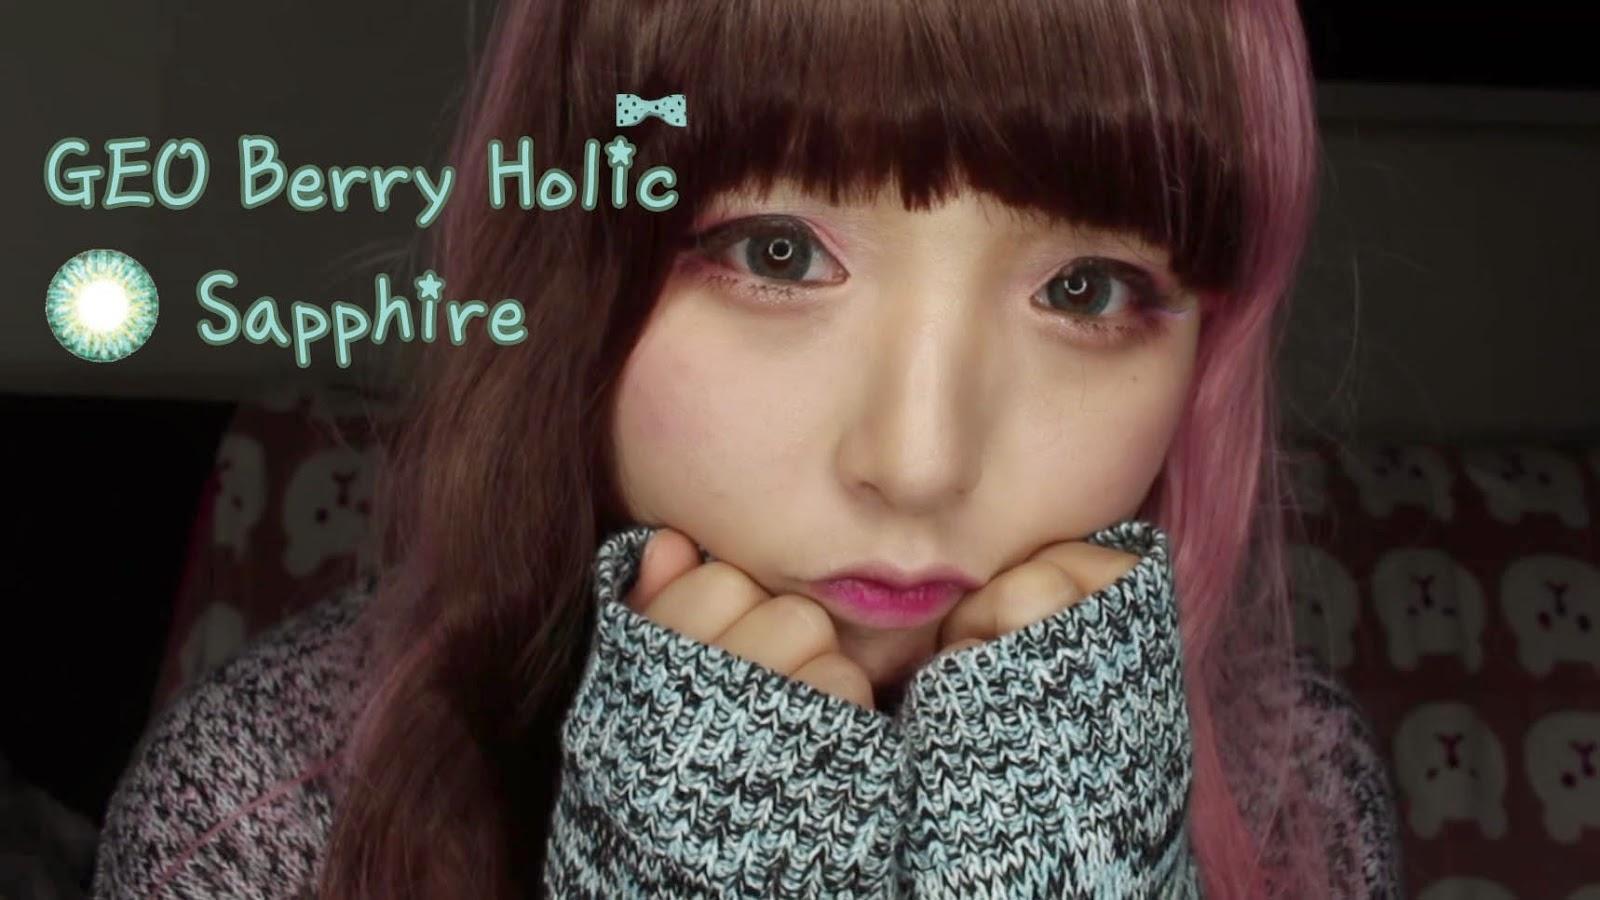 Geo Berry Holic Sapphire